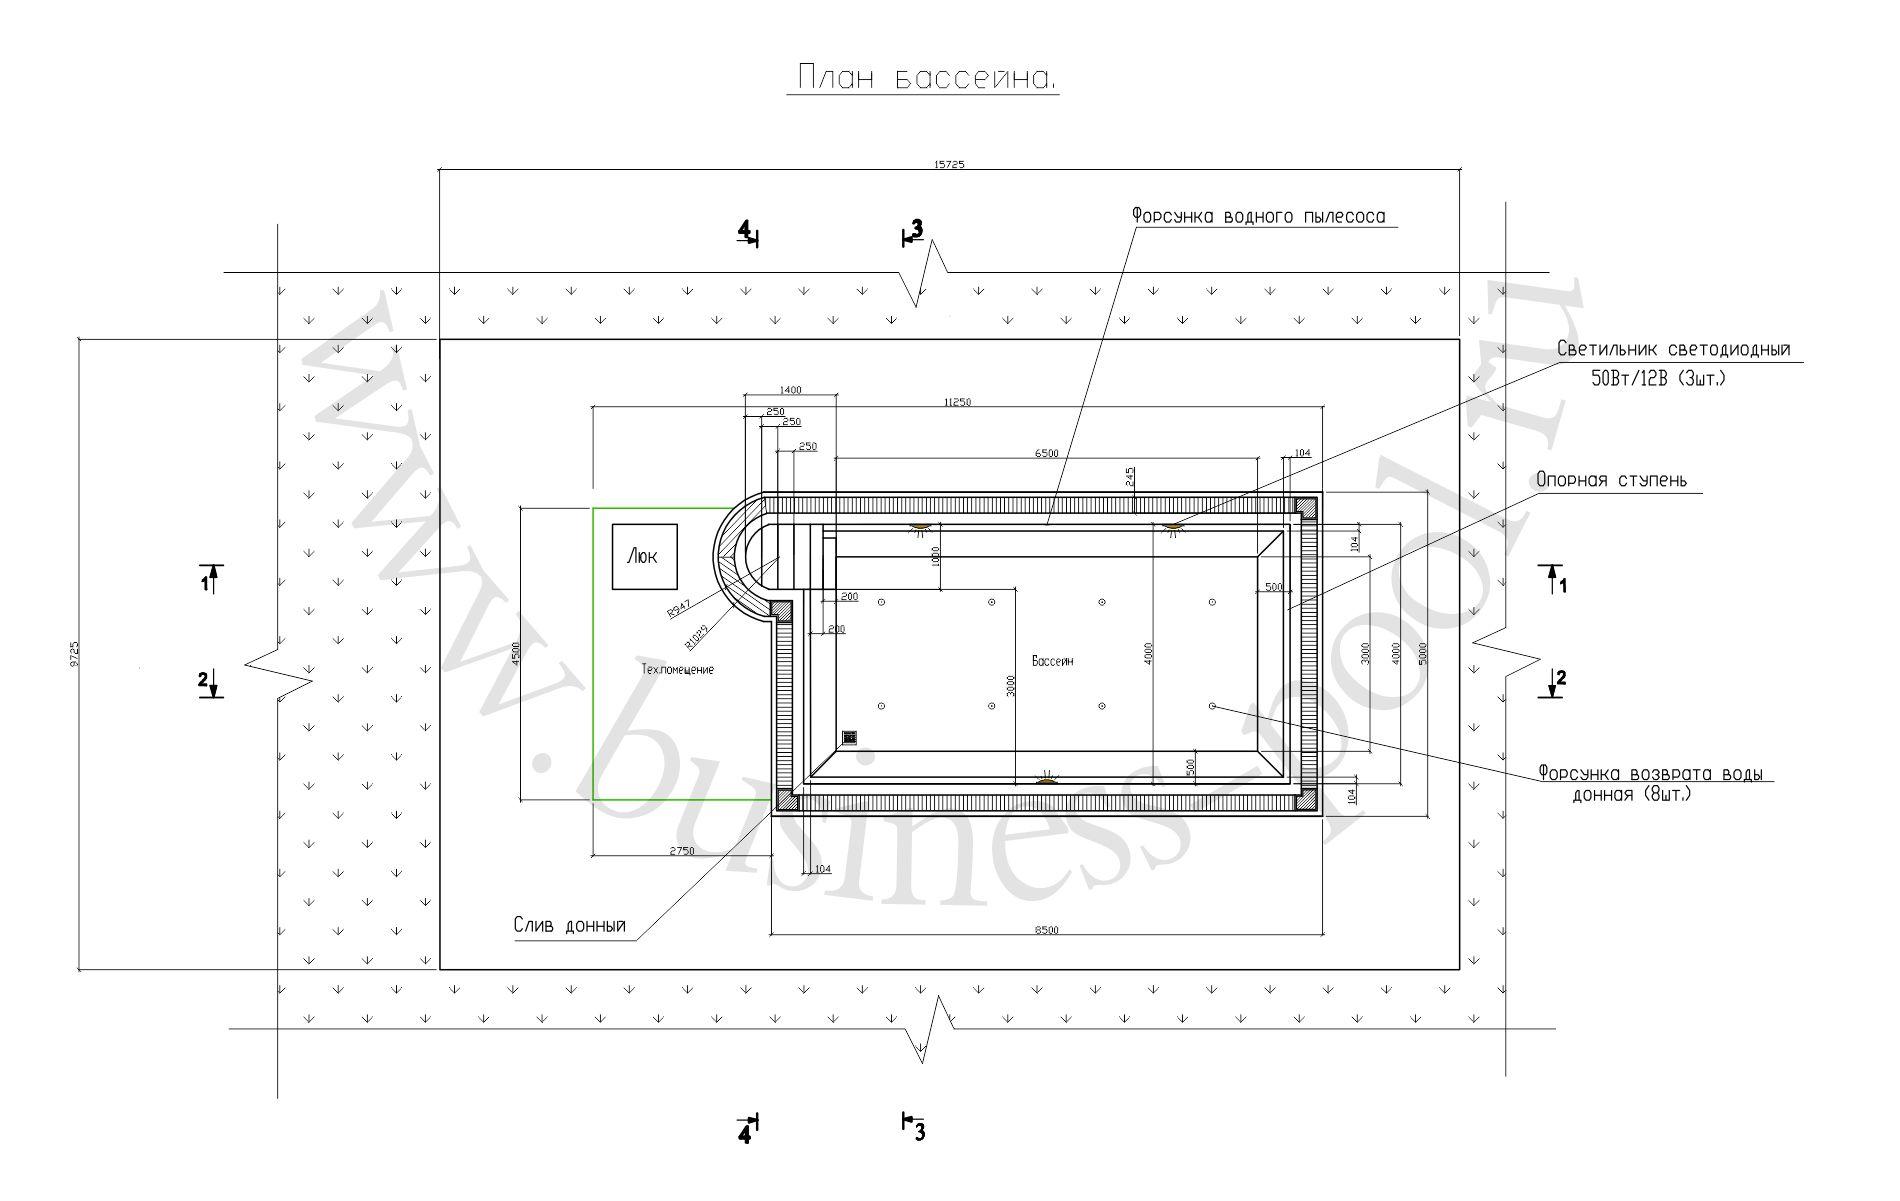 Планировка проекта тз-0006-п